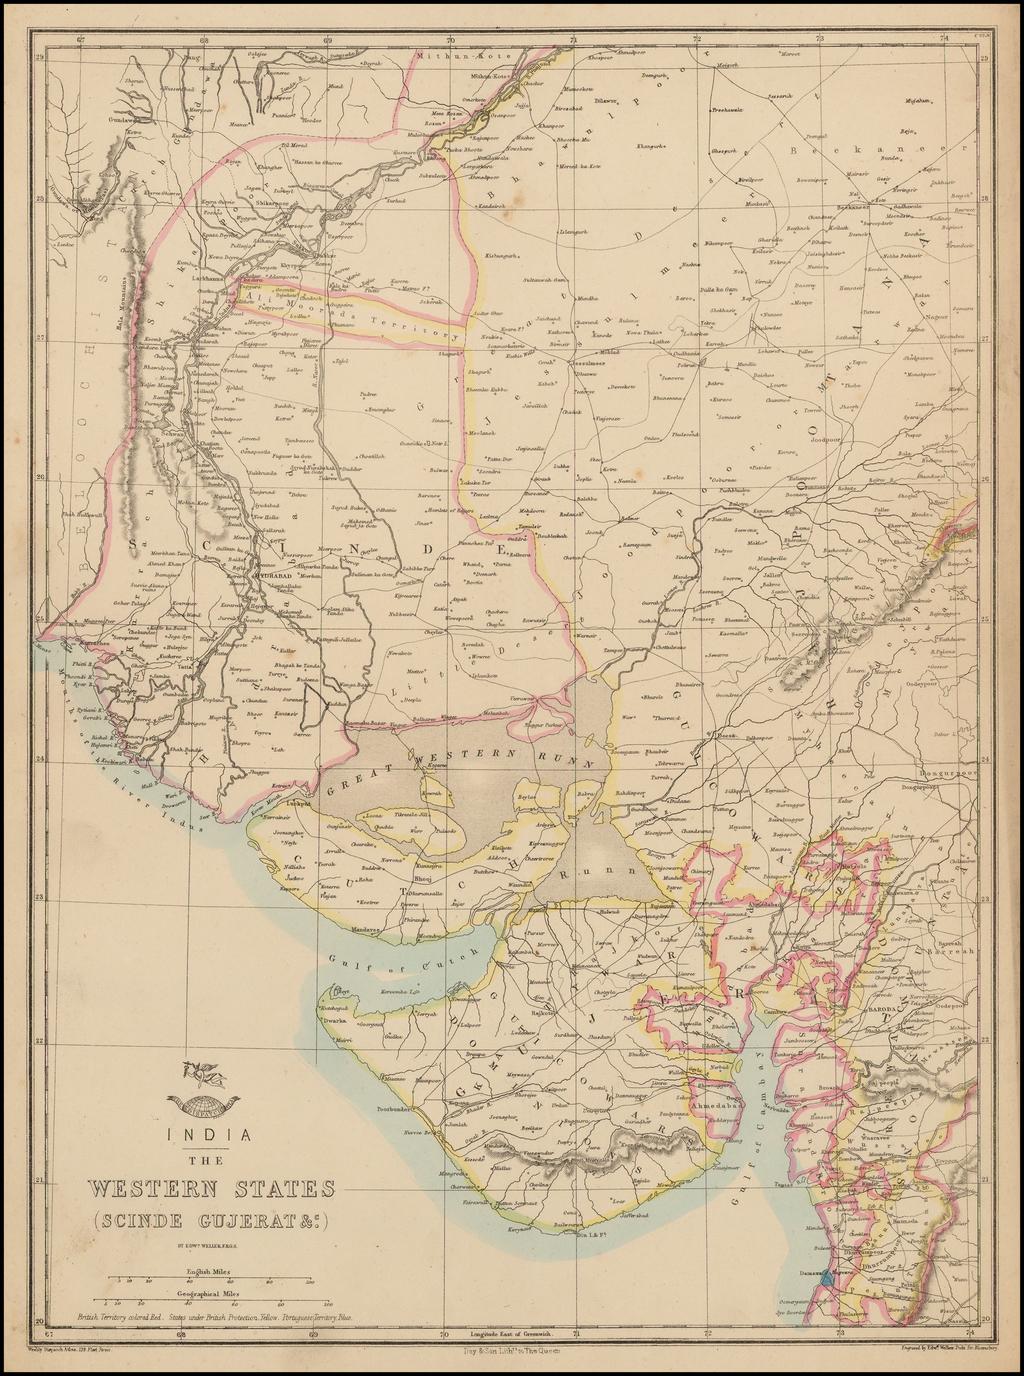 India -- Western States (Schinde Gujerat &c.) By Edward Weller